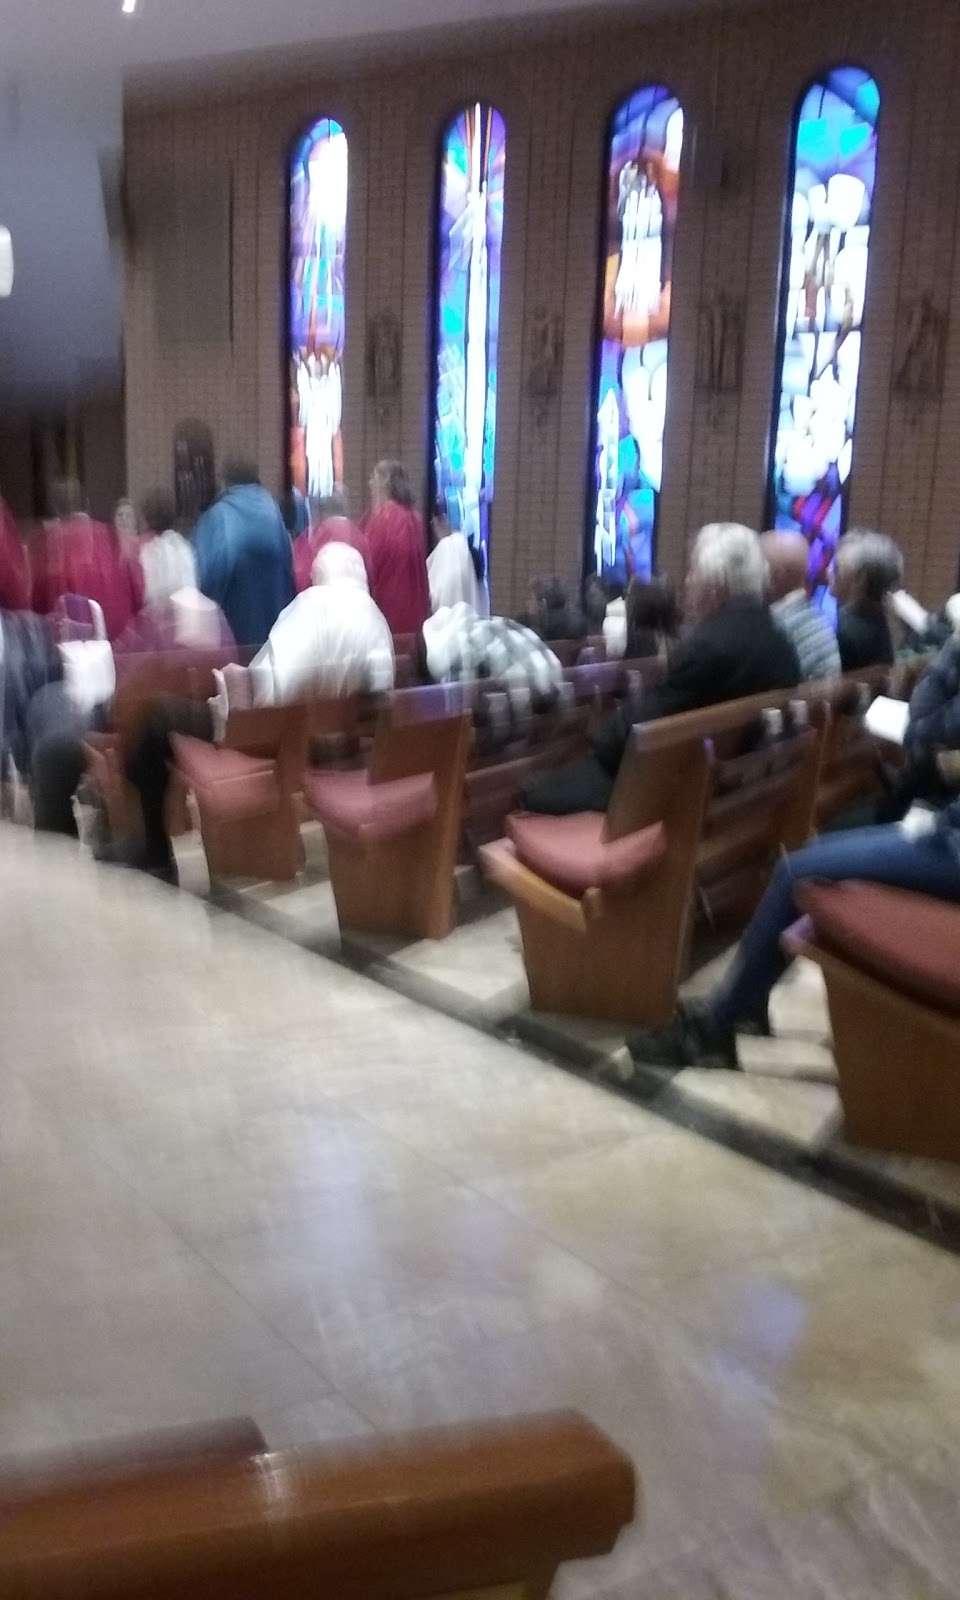 Holy Trinity Roman Cath Church - church  | Photo 7 of 10 | Address: 14-51 143rd St, Whitestone, NY 11357, USA | Phone: (718) 746-7730